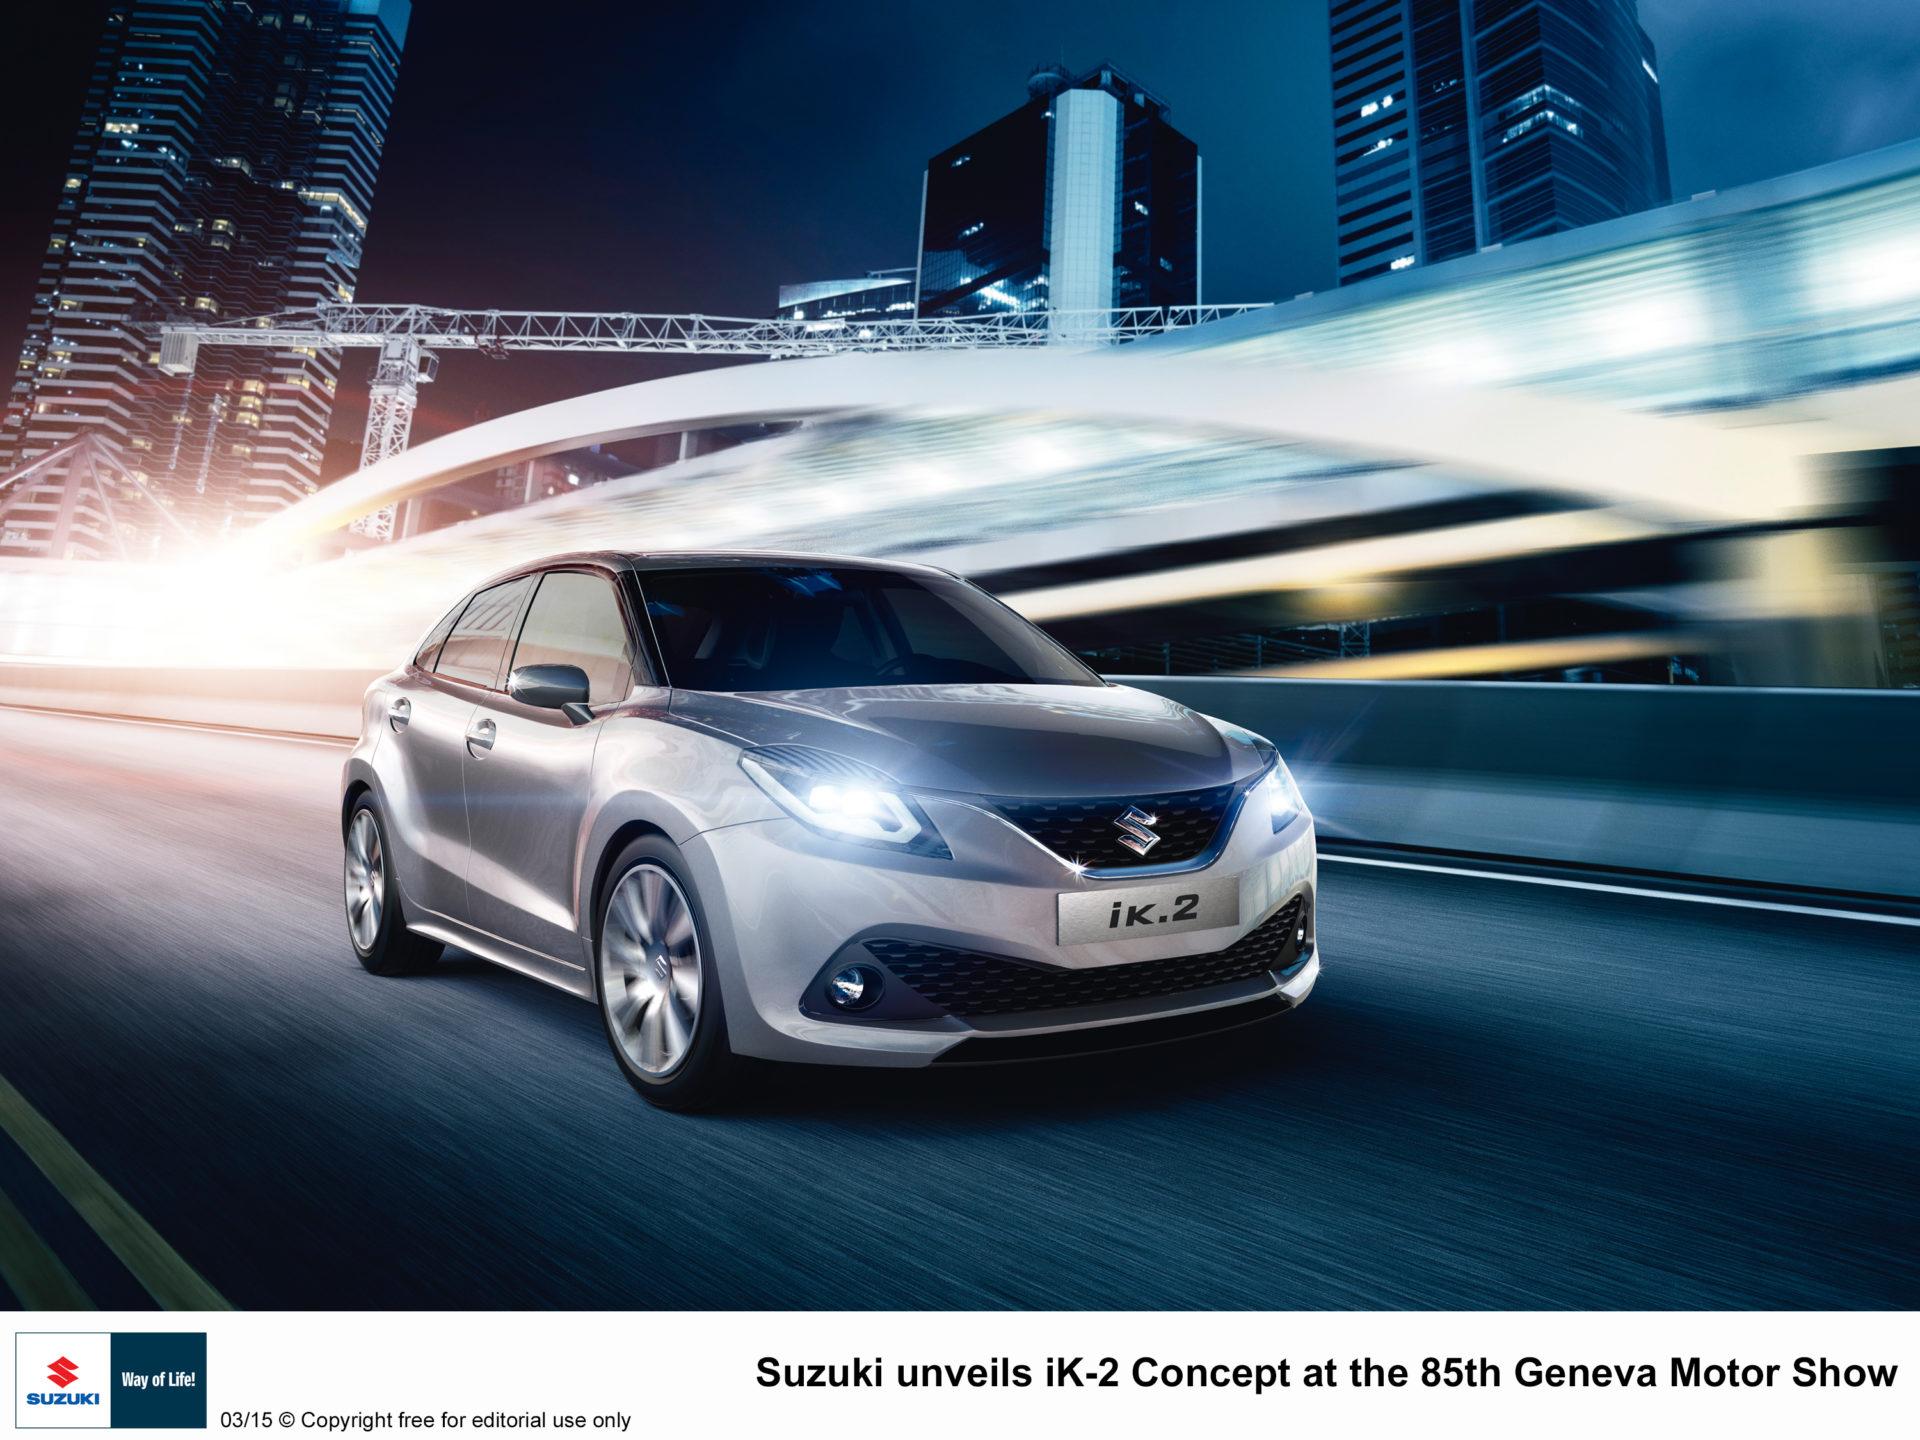 Suzuki Concept Cars in Geneva